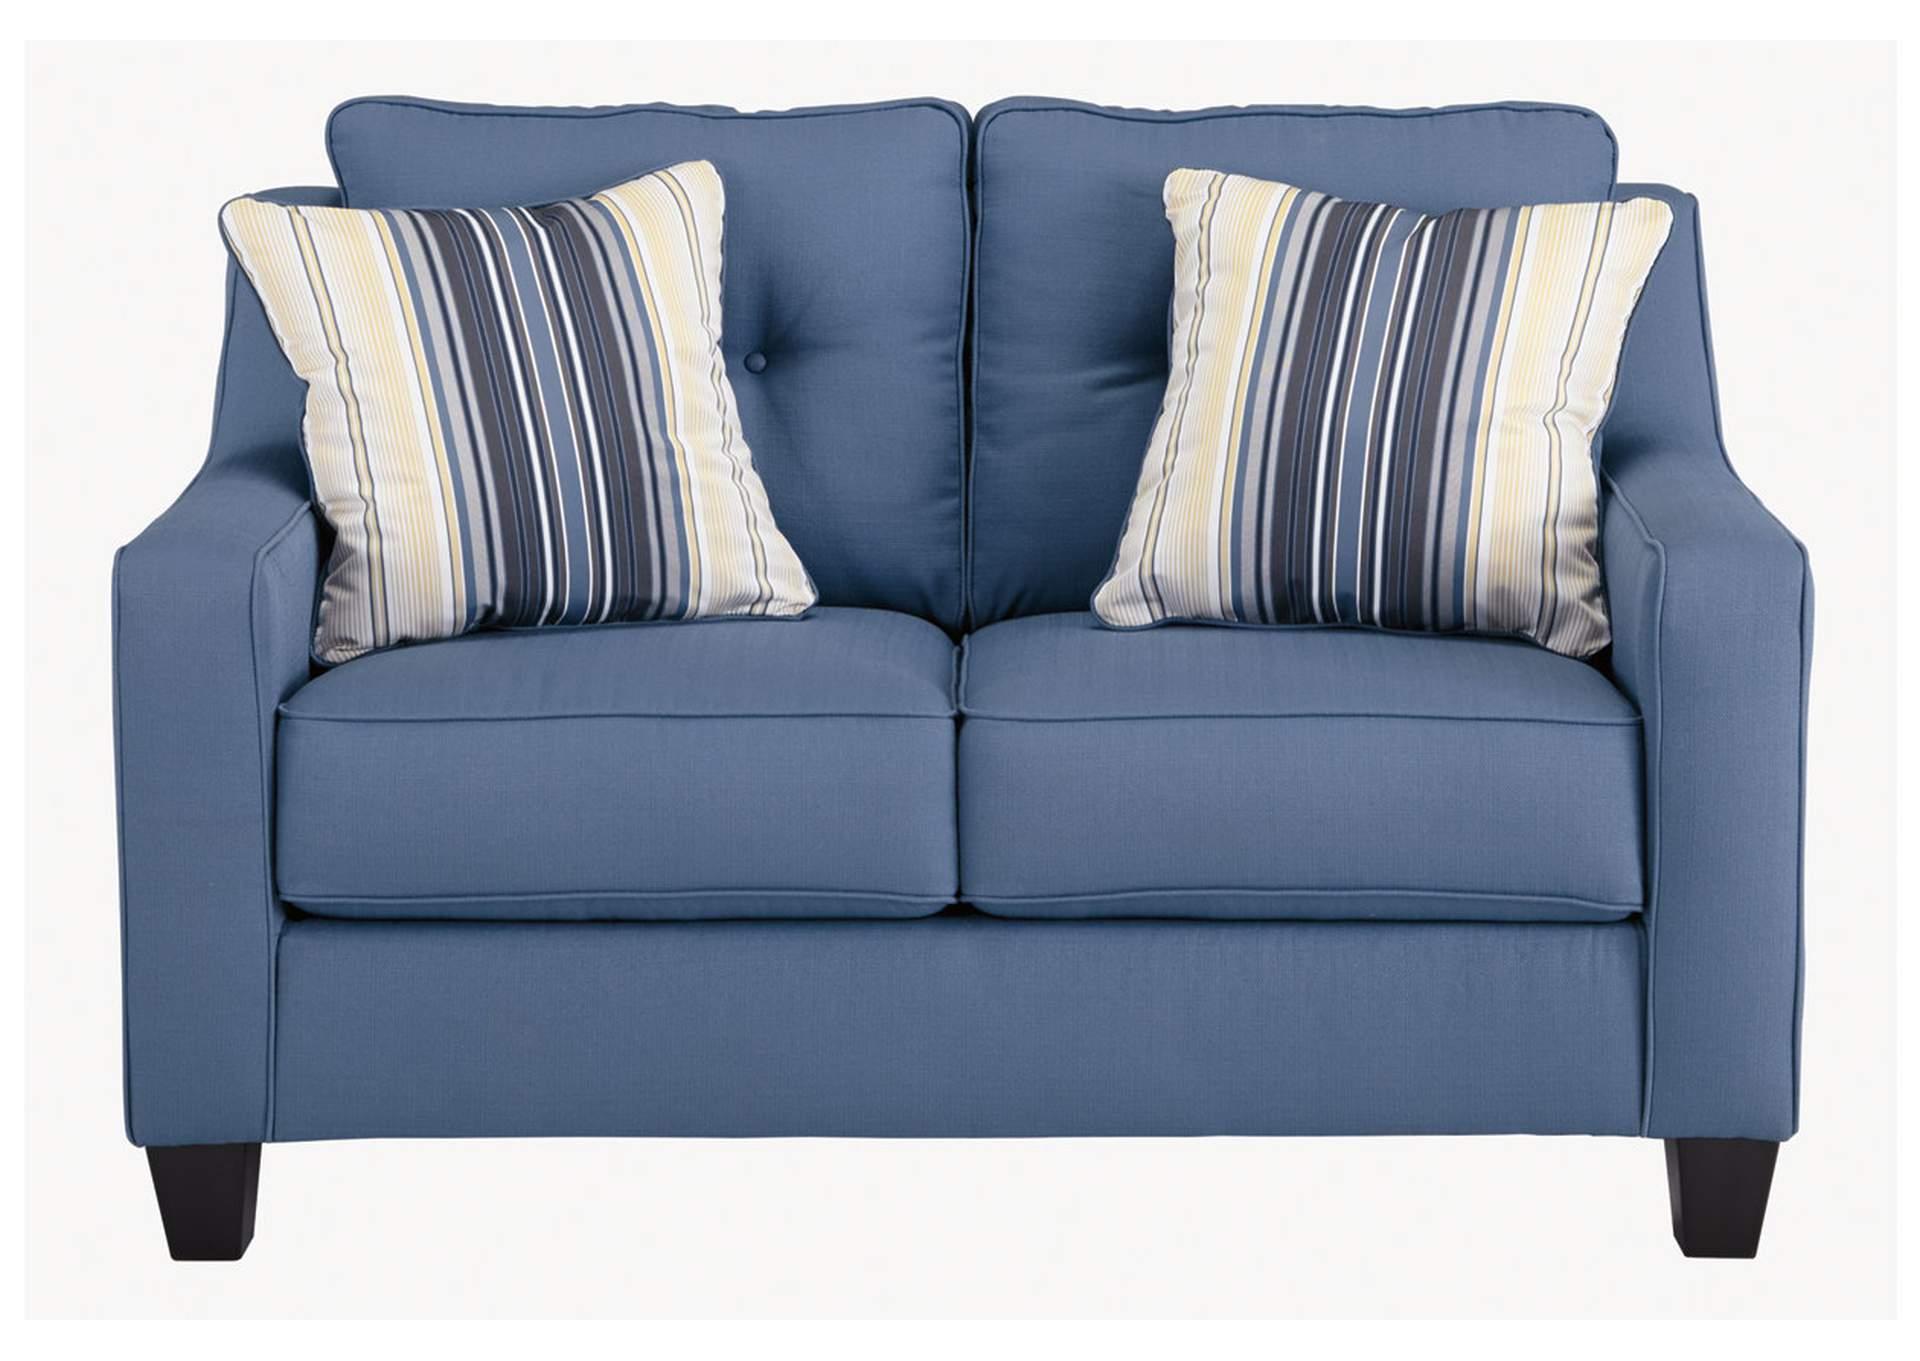 sleeper sofas chicago il flexsteel julio reclining sofa galaxy furniture aldie nuvella blue loveseat benchcraft